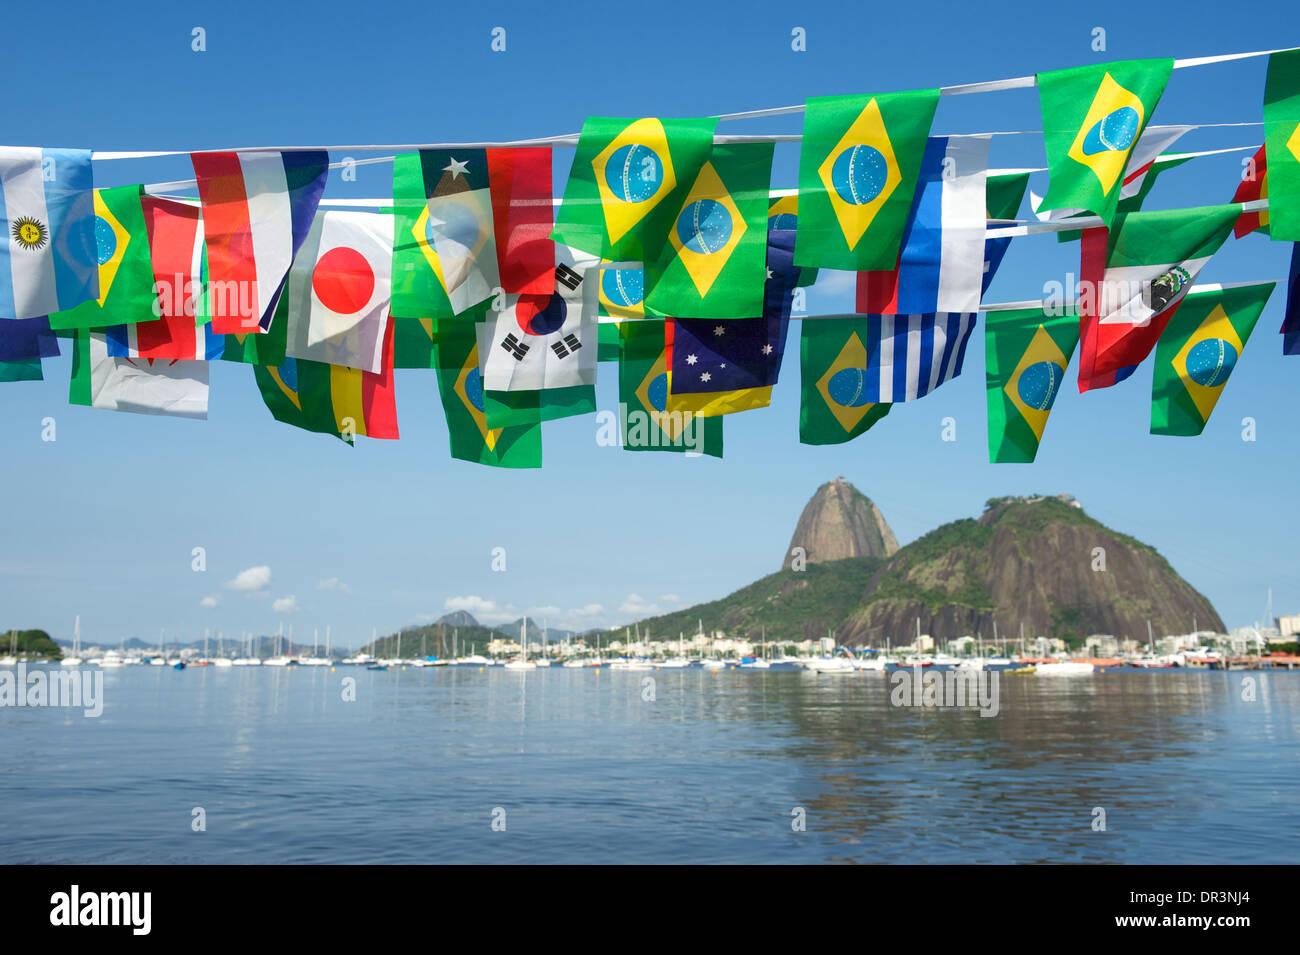 Brasilianische Dekoration brasilianische und internationale fahnen girlande dekoration über